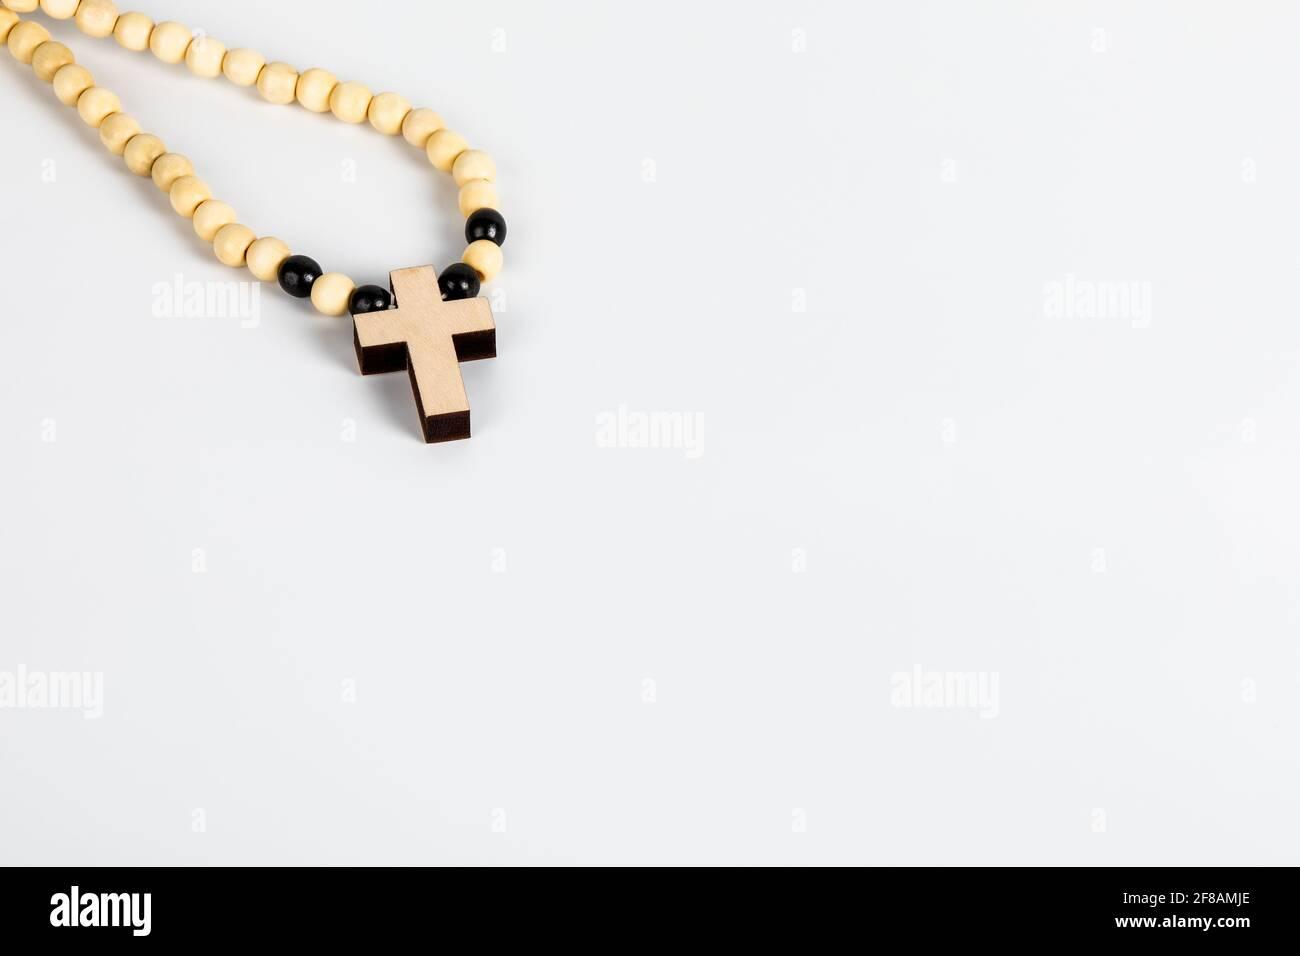 Croce di legno su sfondo bianco. Spazio di copia. Foto Stock